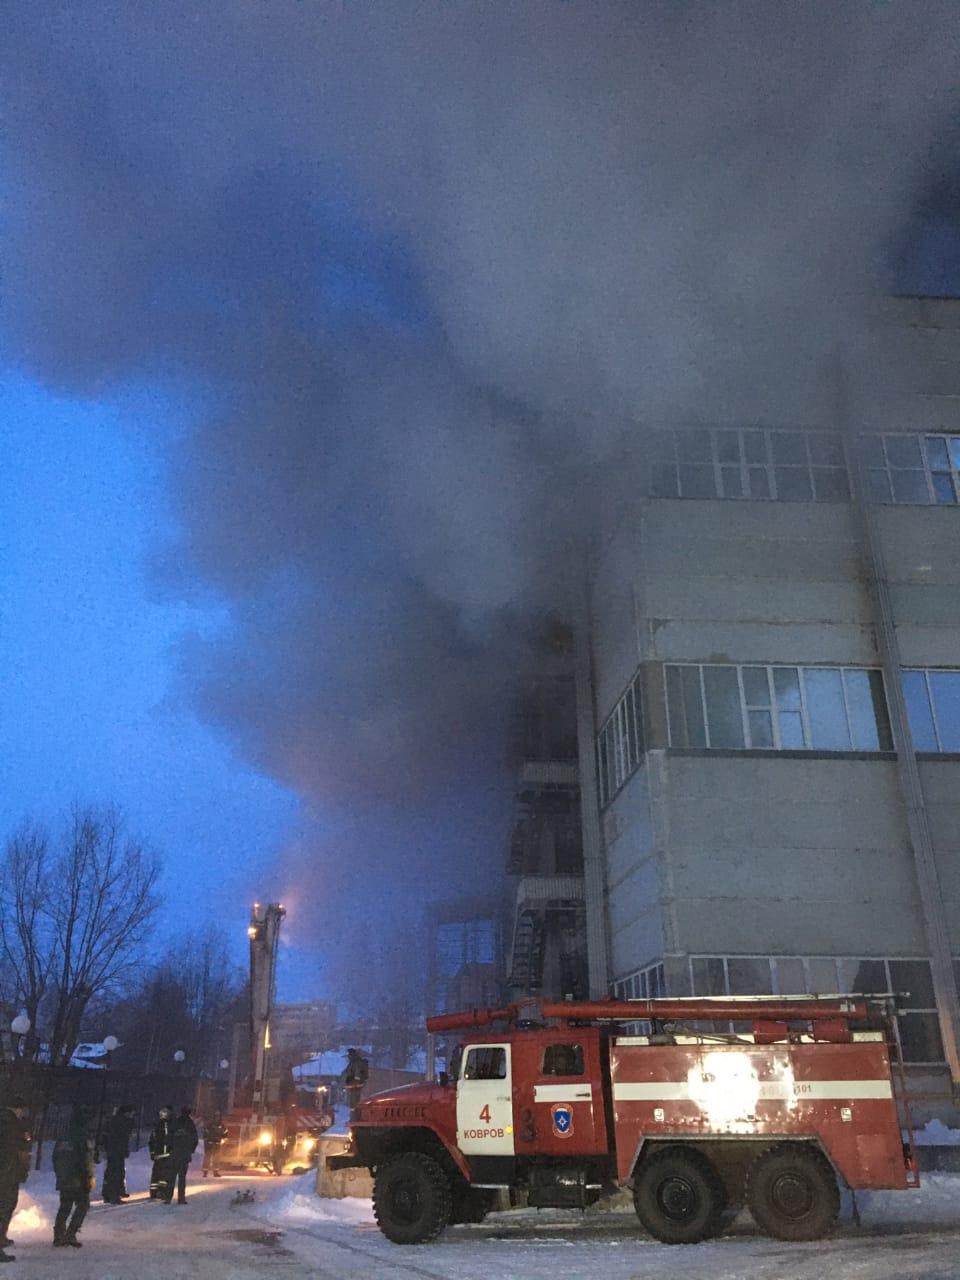 Сотрудники МЧС России ликвидировали открытое горение на пожаре в производственном здании в городе Коврове